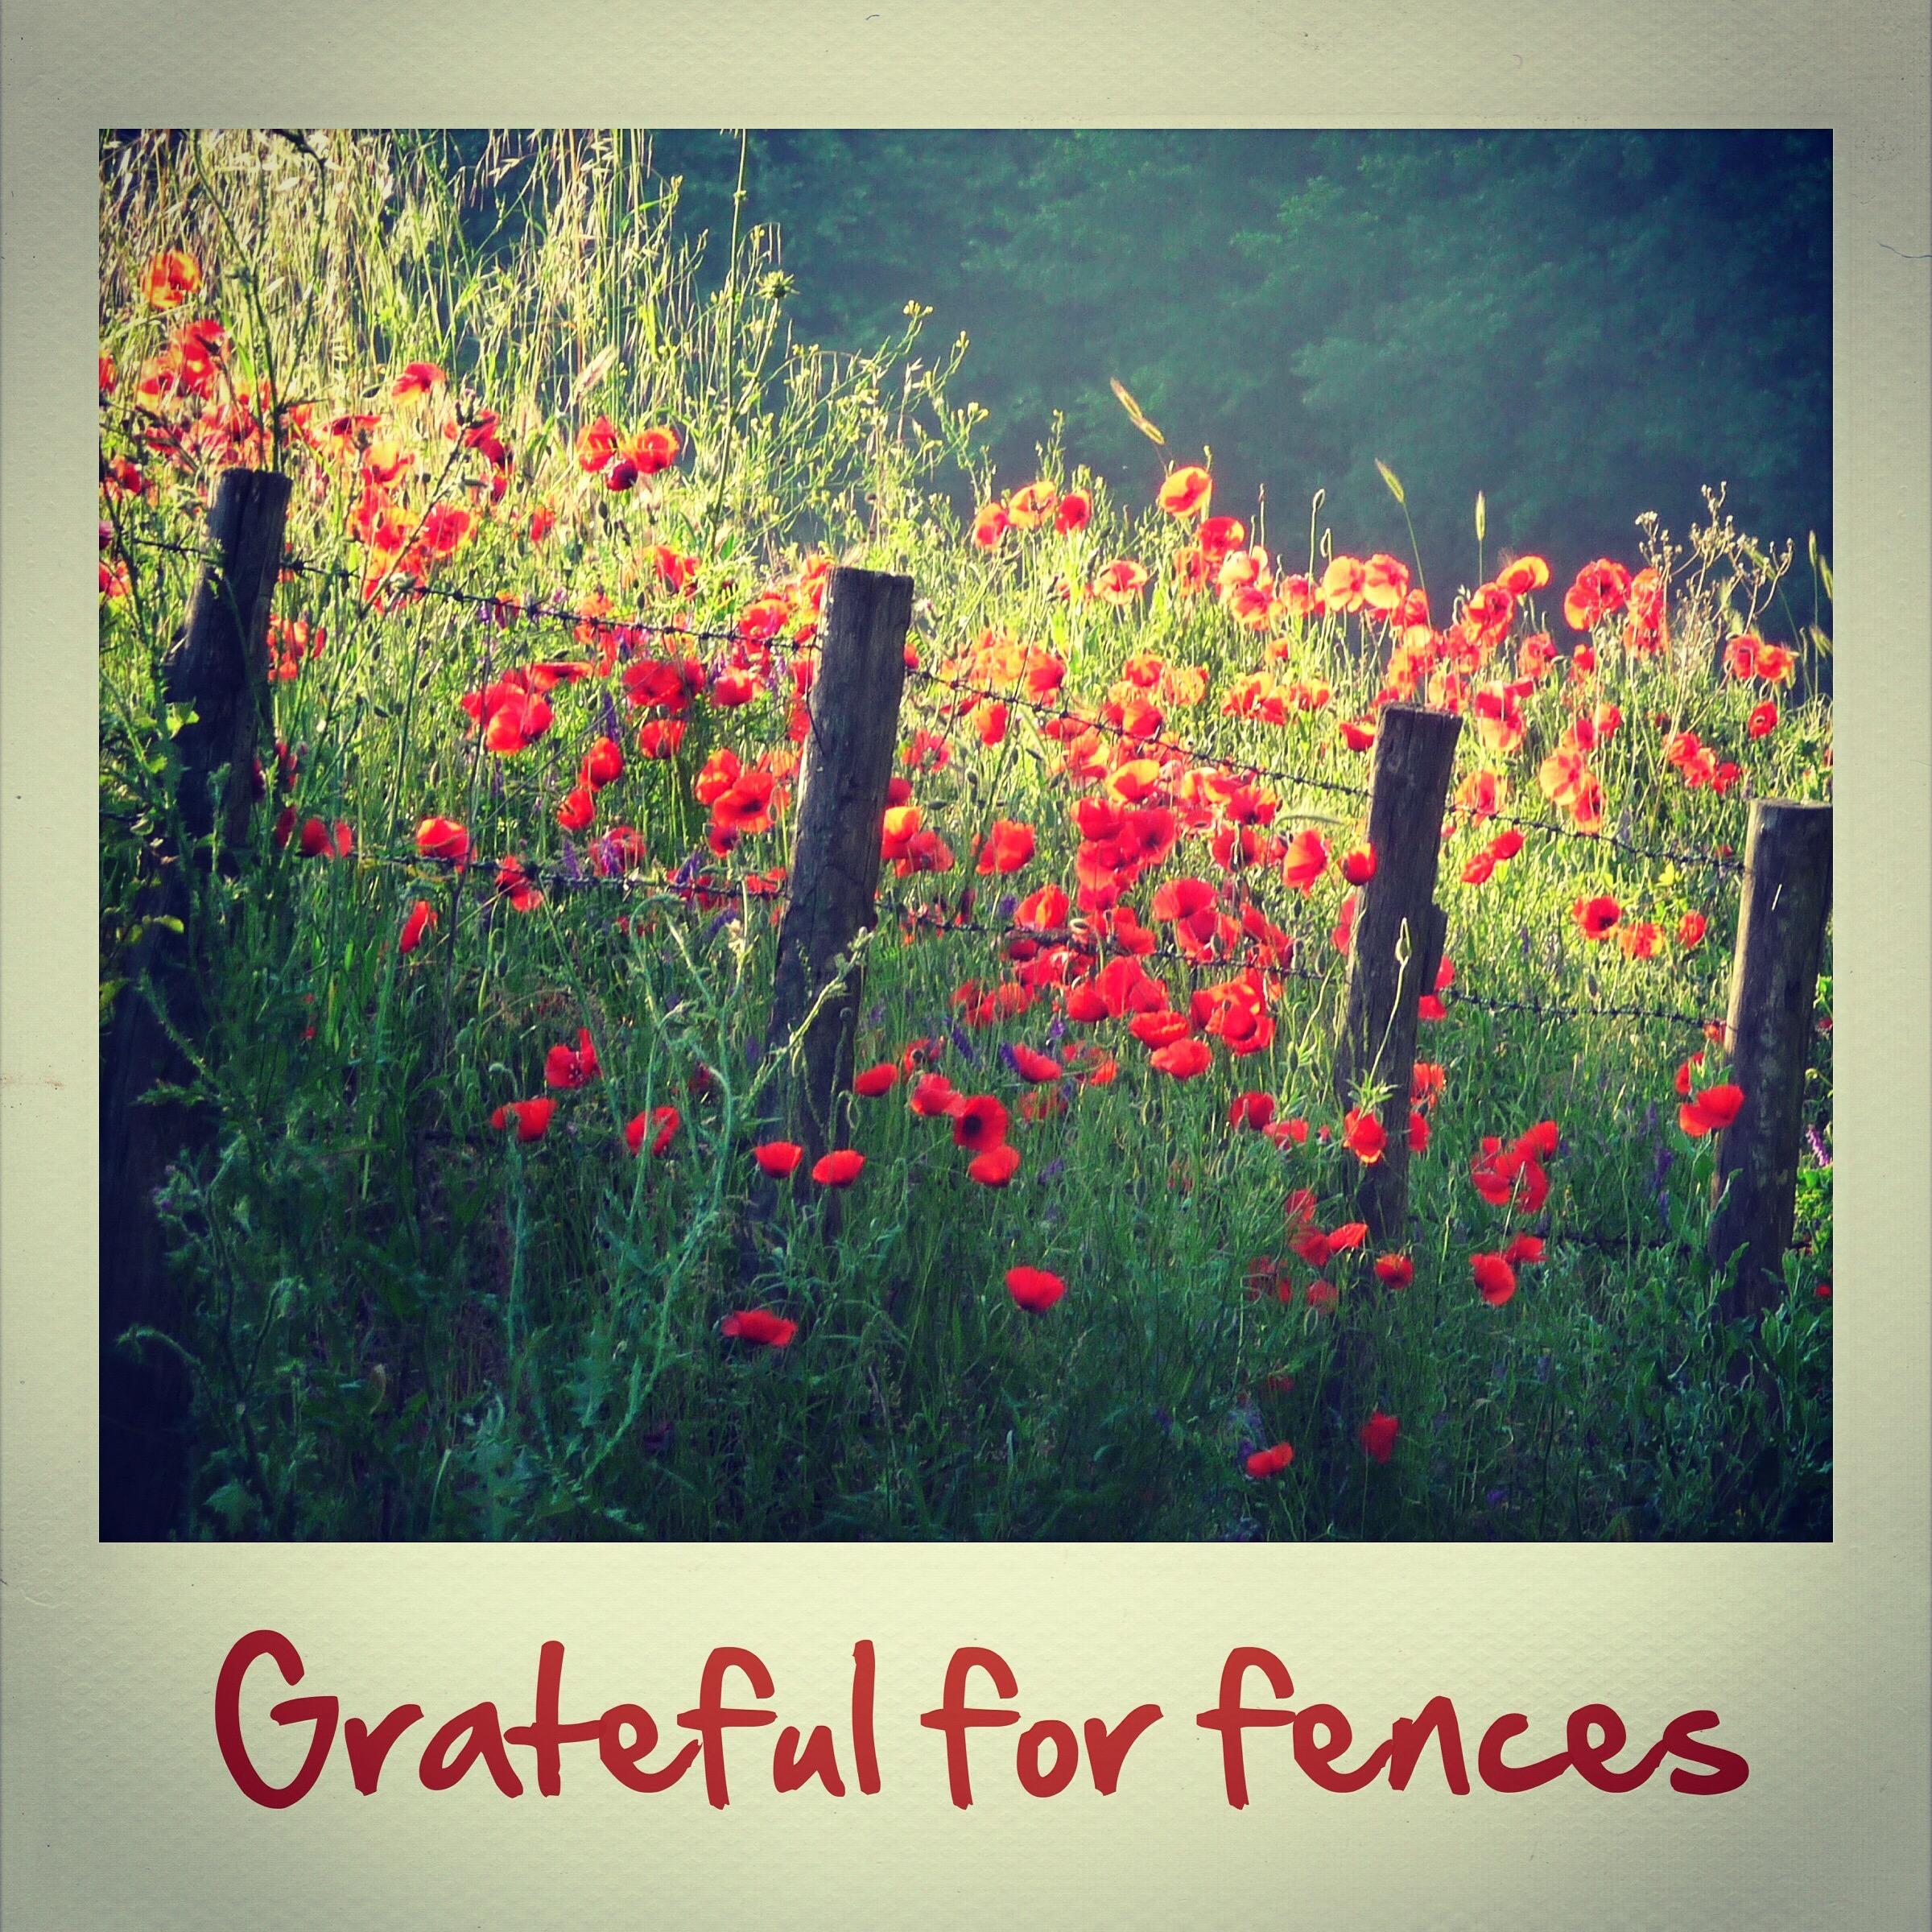 Grateful for fences